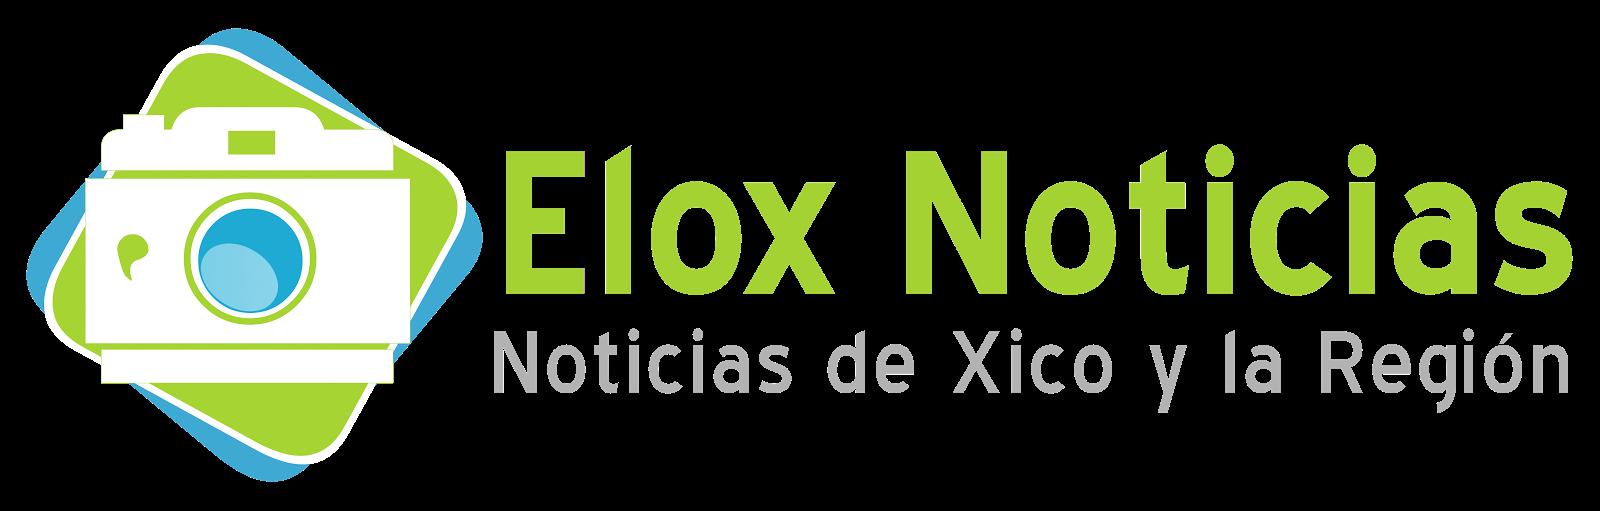 Elox Noticias Web